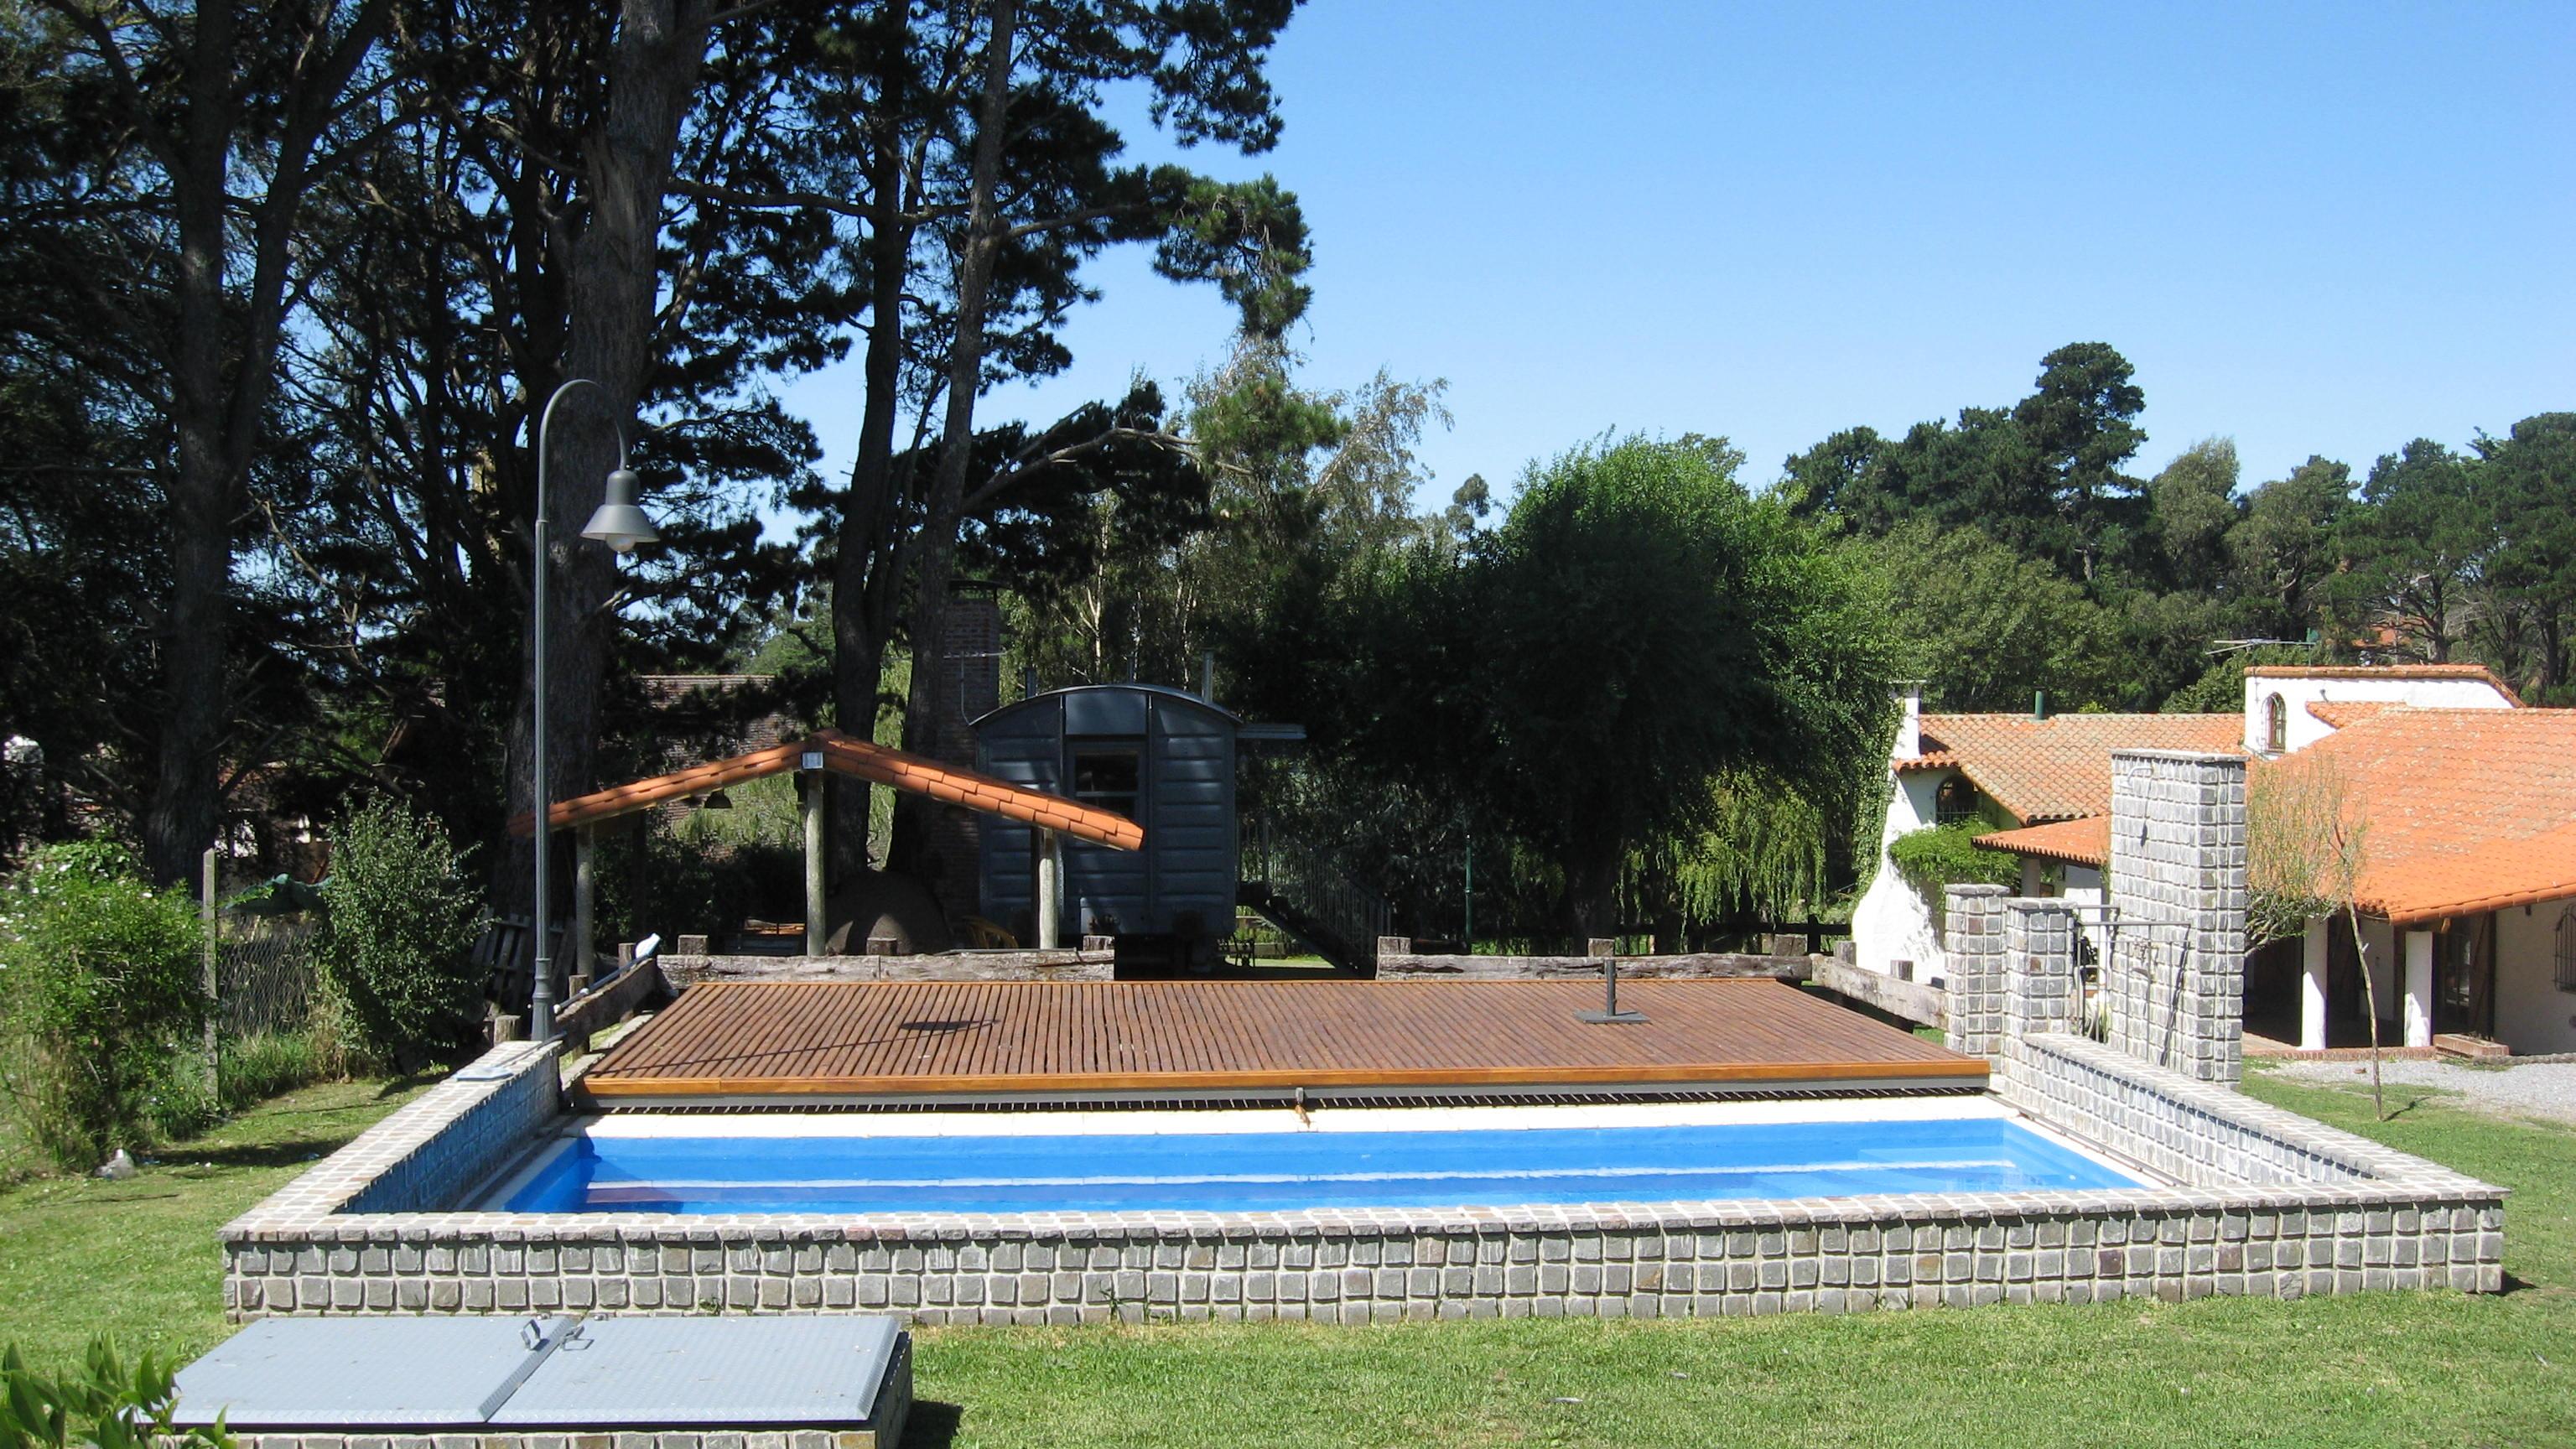 Modelos de piscina com deck elevador a batera para for Cubre piletas precios